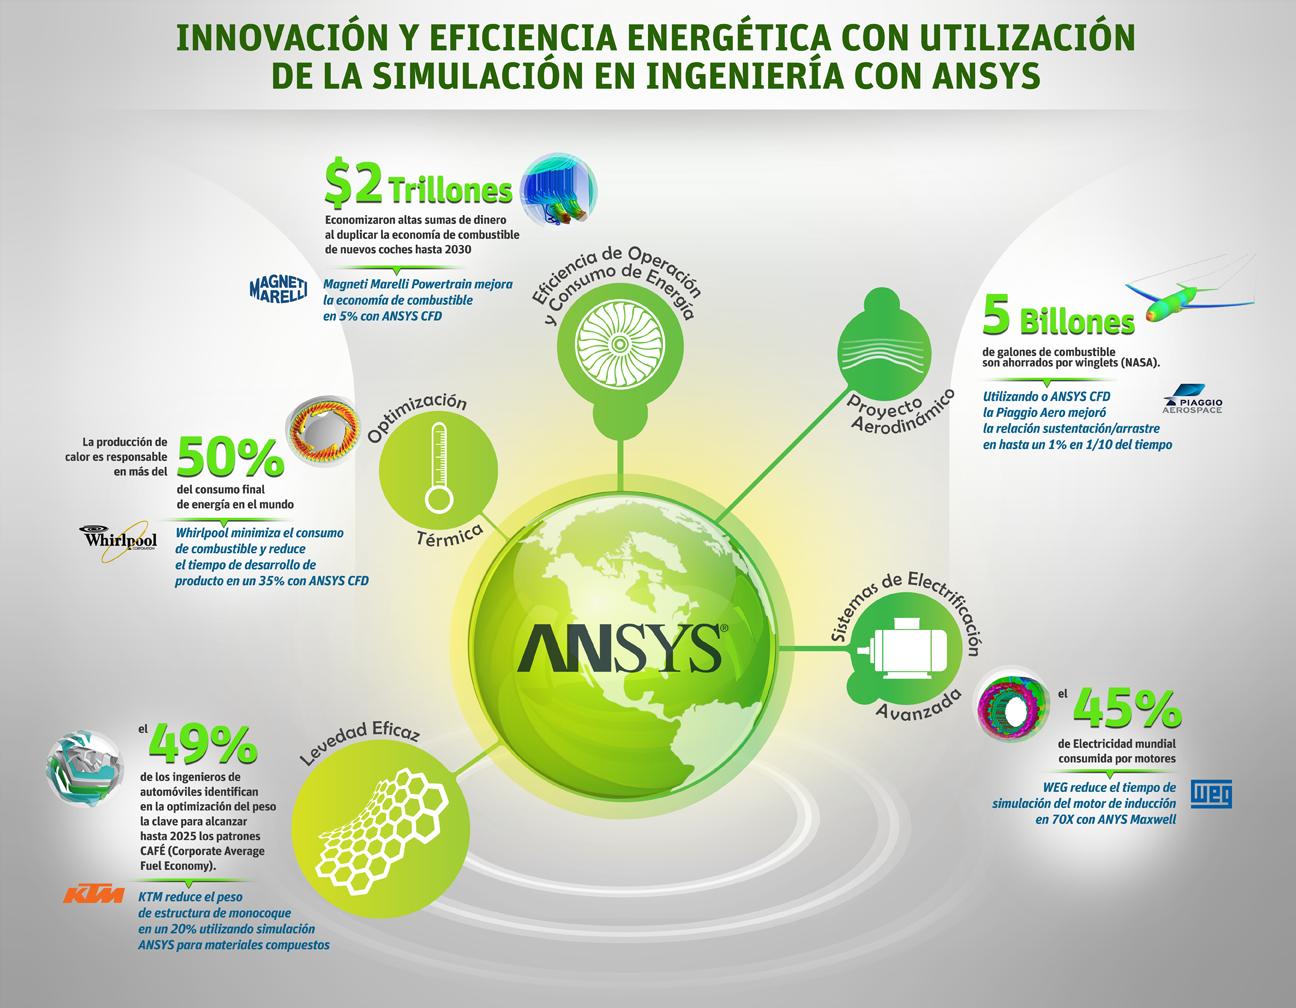 innovacion-y-eficiencia-energetica-con-utilizacion-de-la-simulacion-en-ingenieria-con-ansys